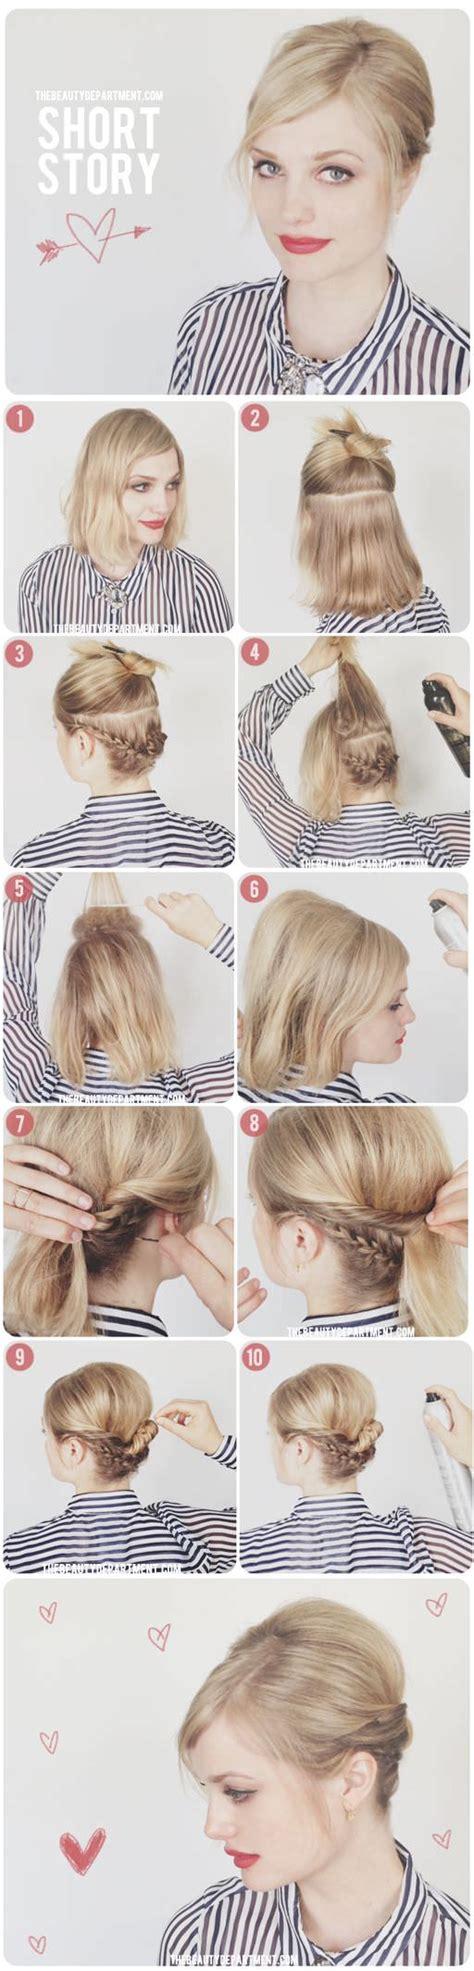 curly hairstyles tumblr tutorial peinados para graduaciones cabellos y hierbas